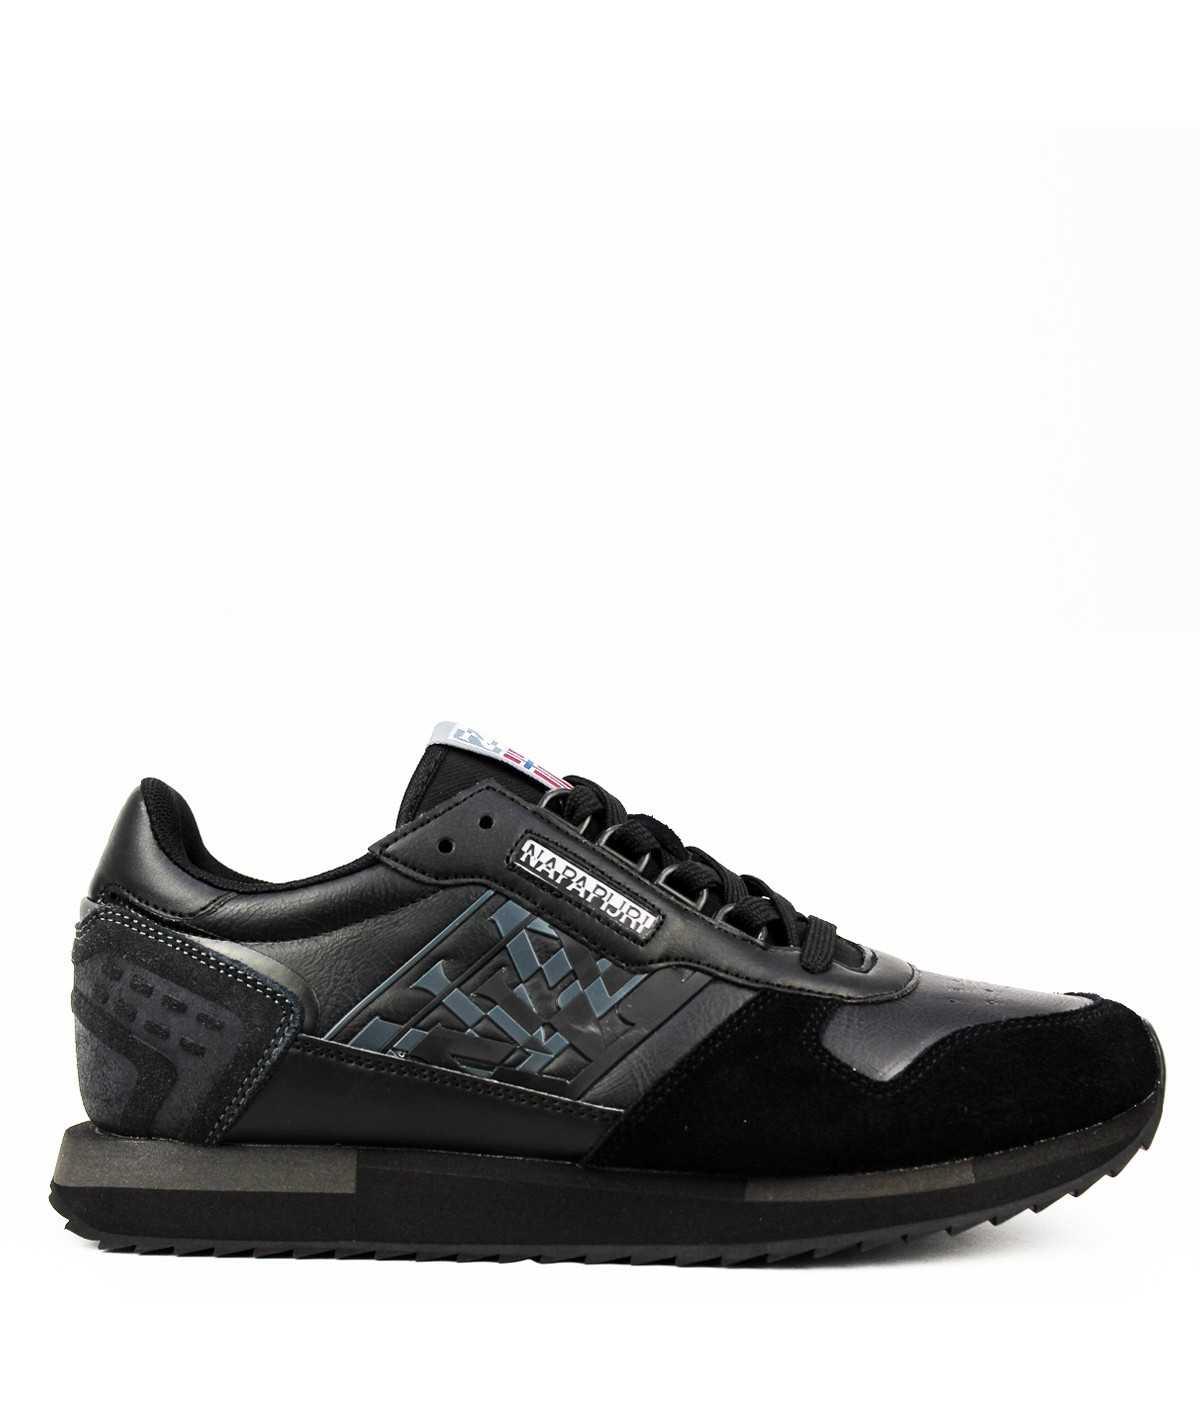 NAPAPIJIRI Sneakers